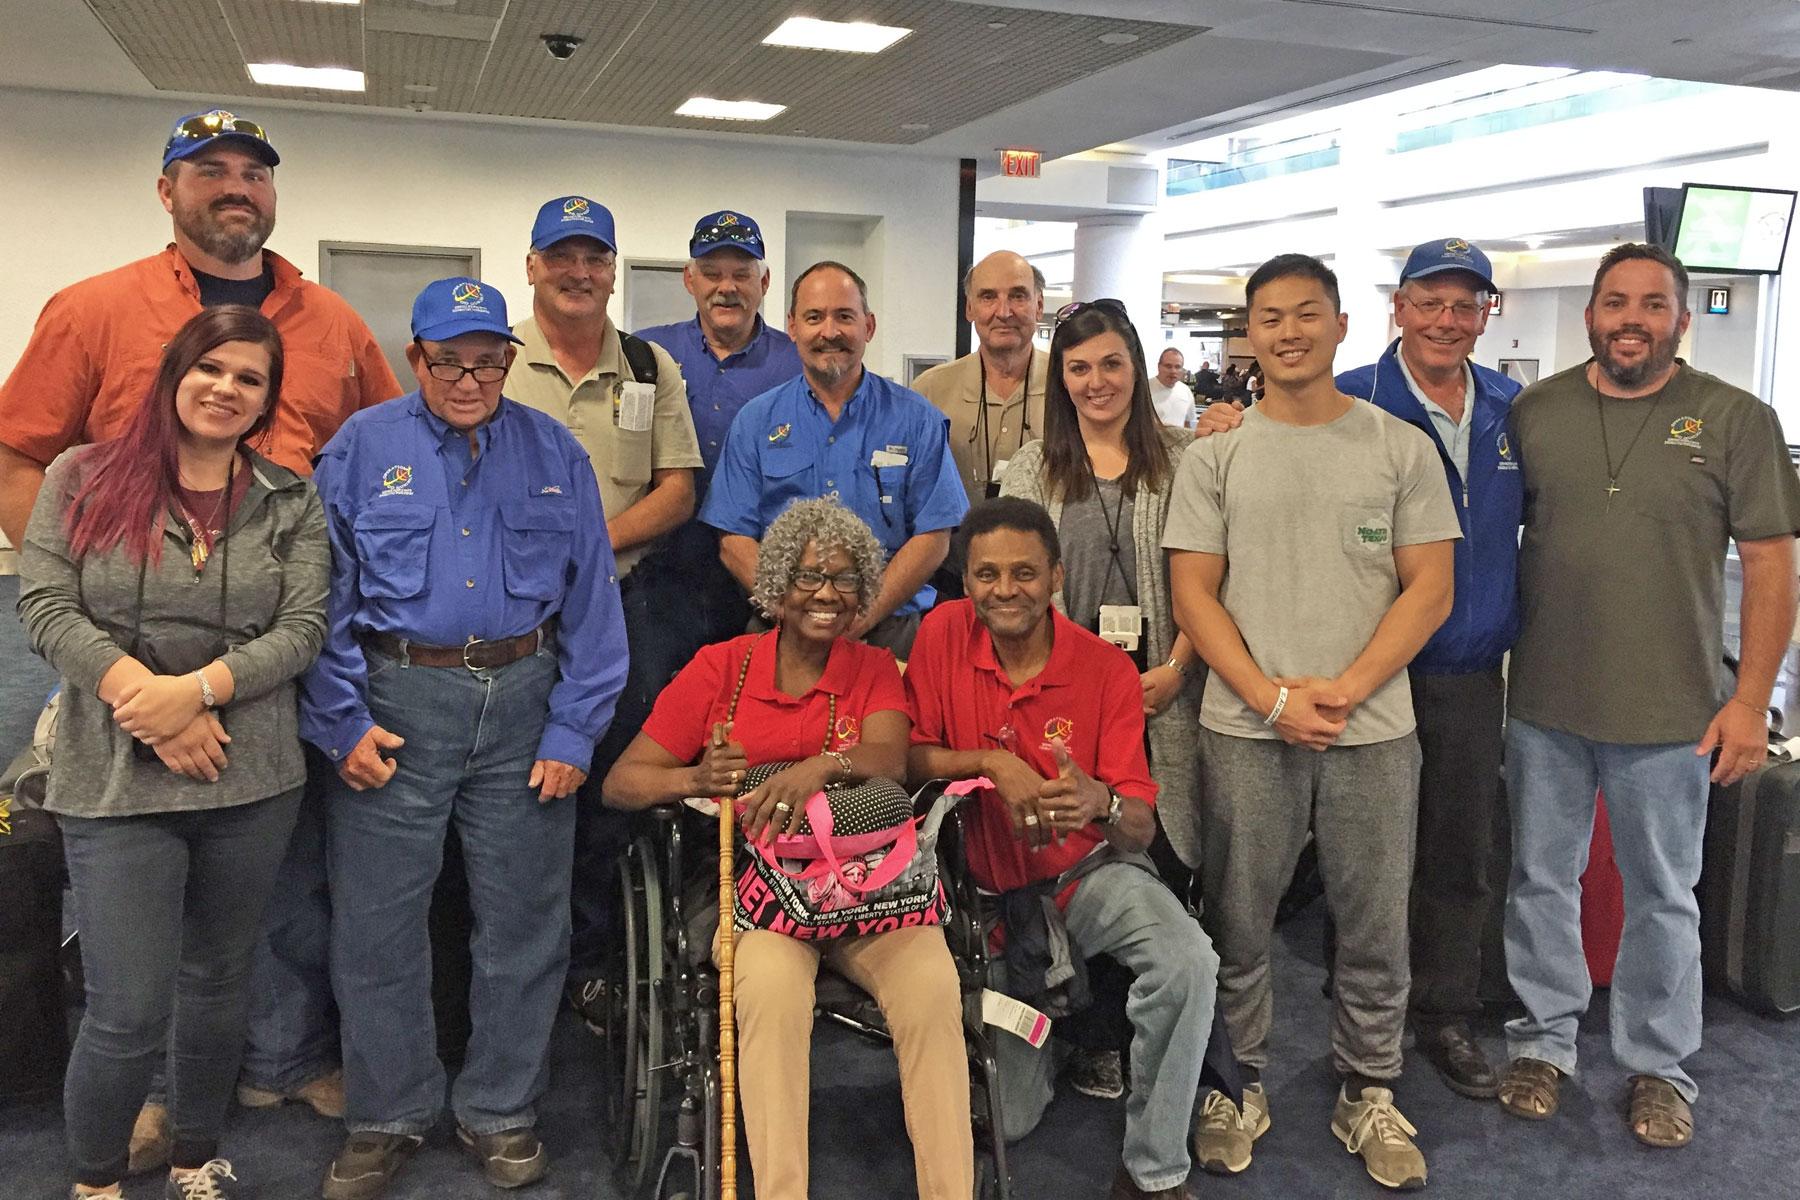 Haiti Mission Team - May 2017